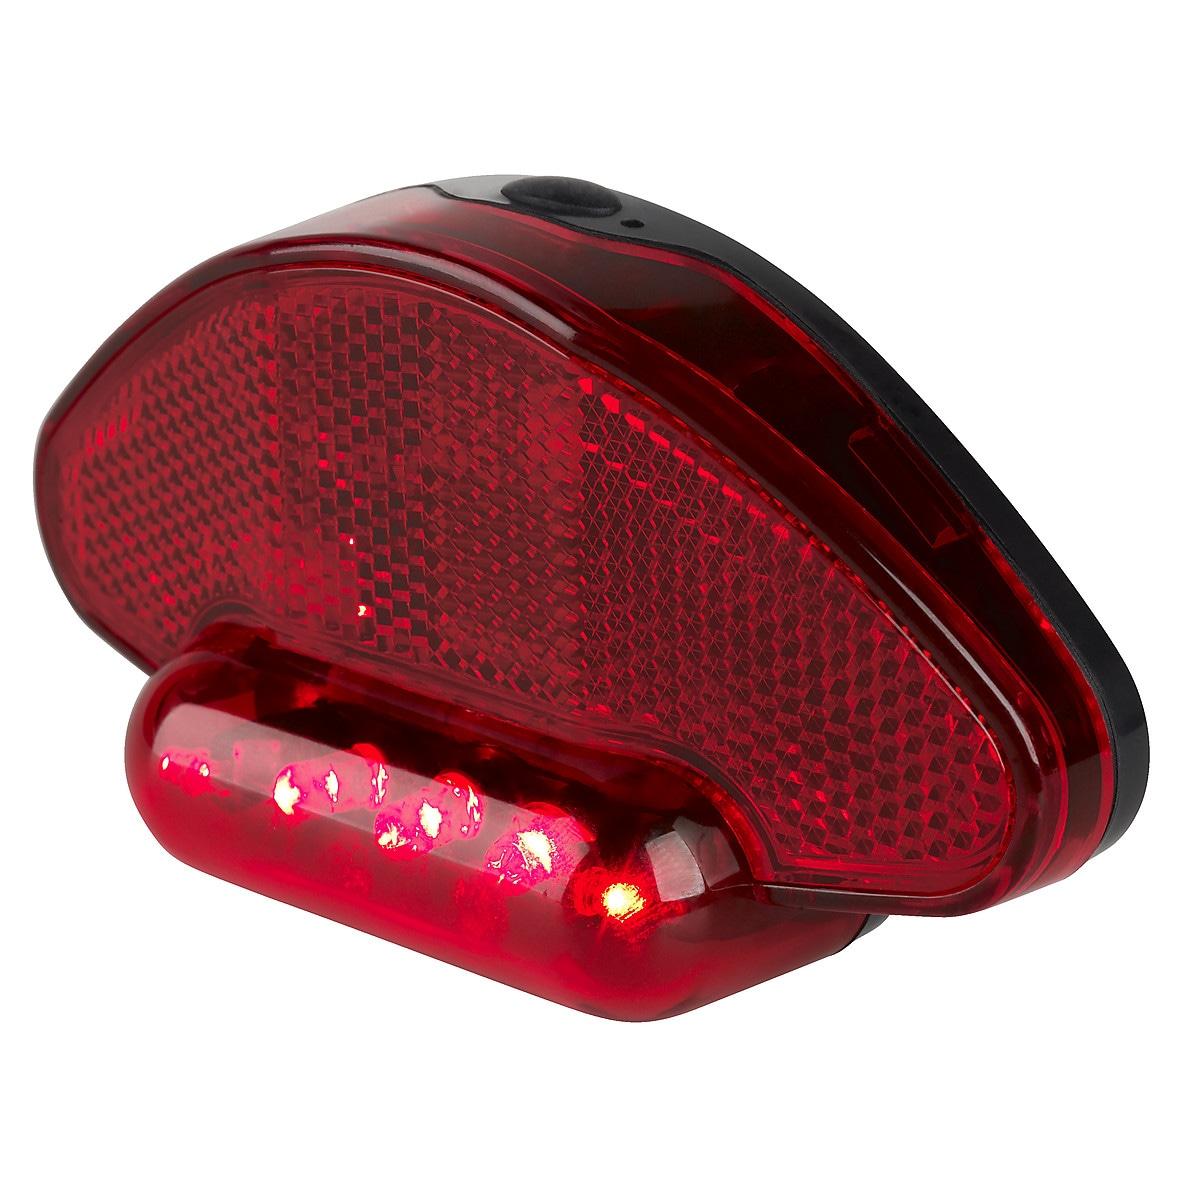 Asaklitt LED sykkellys